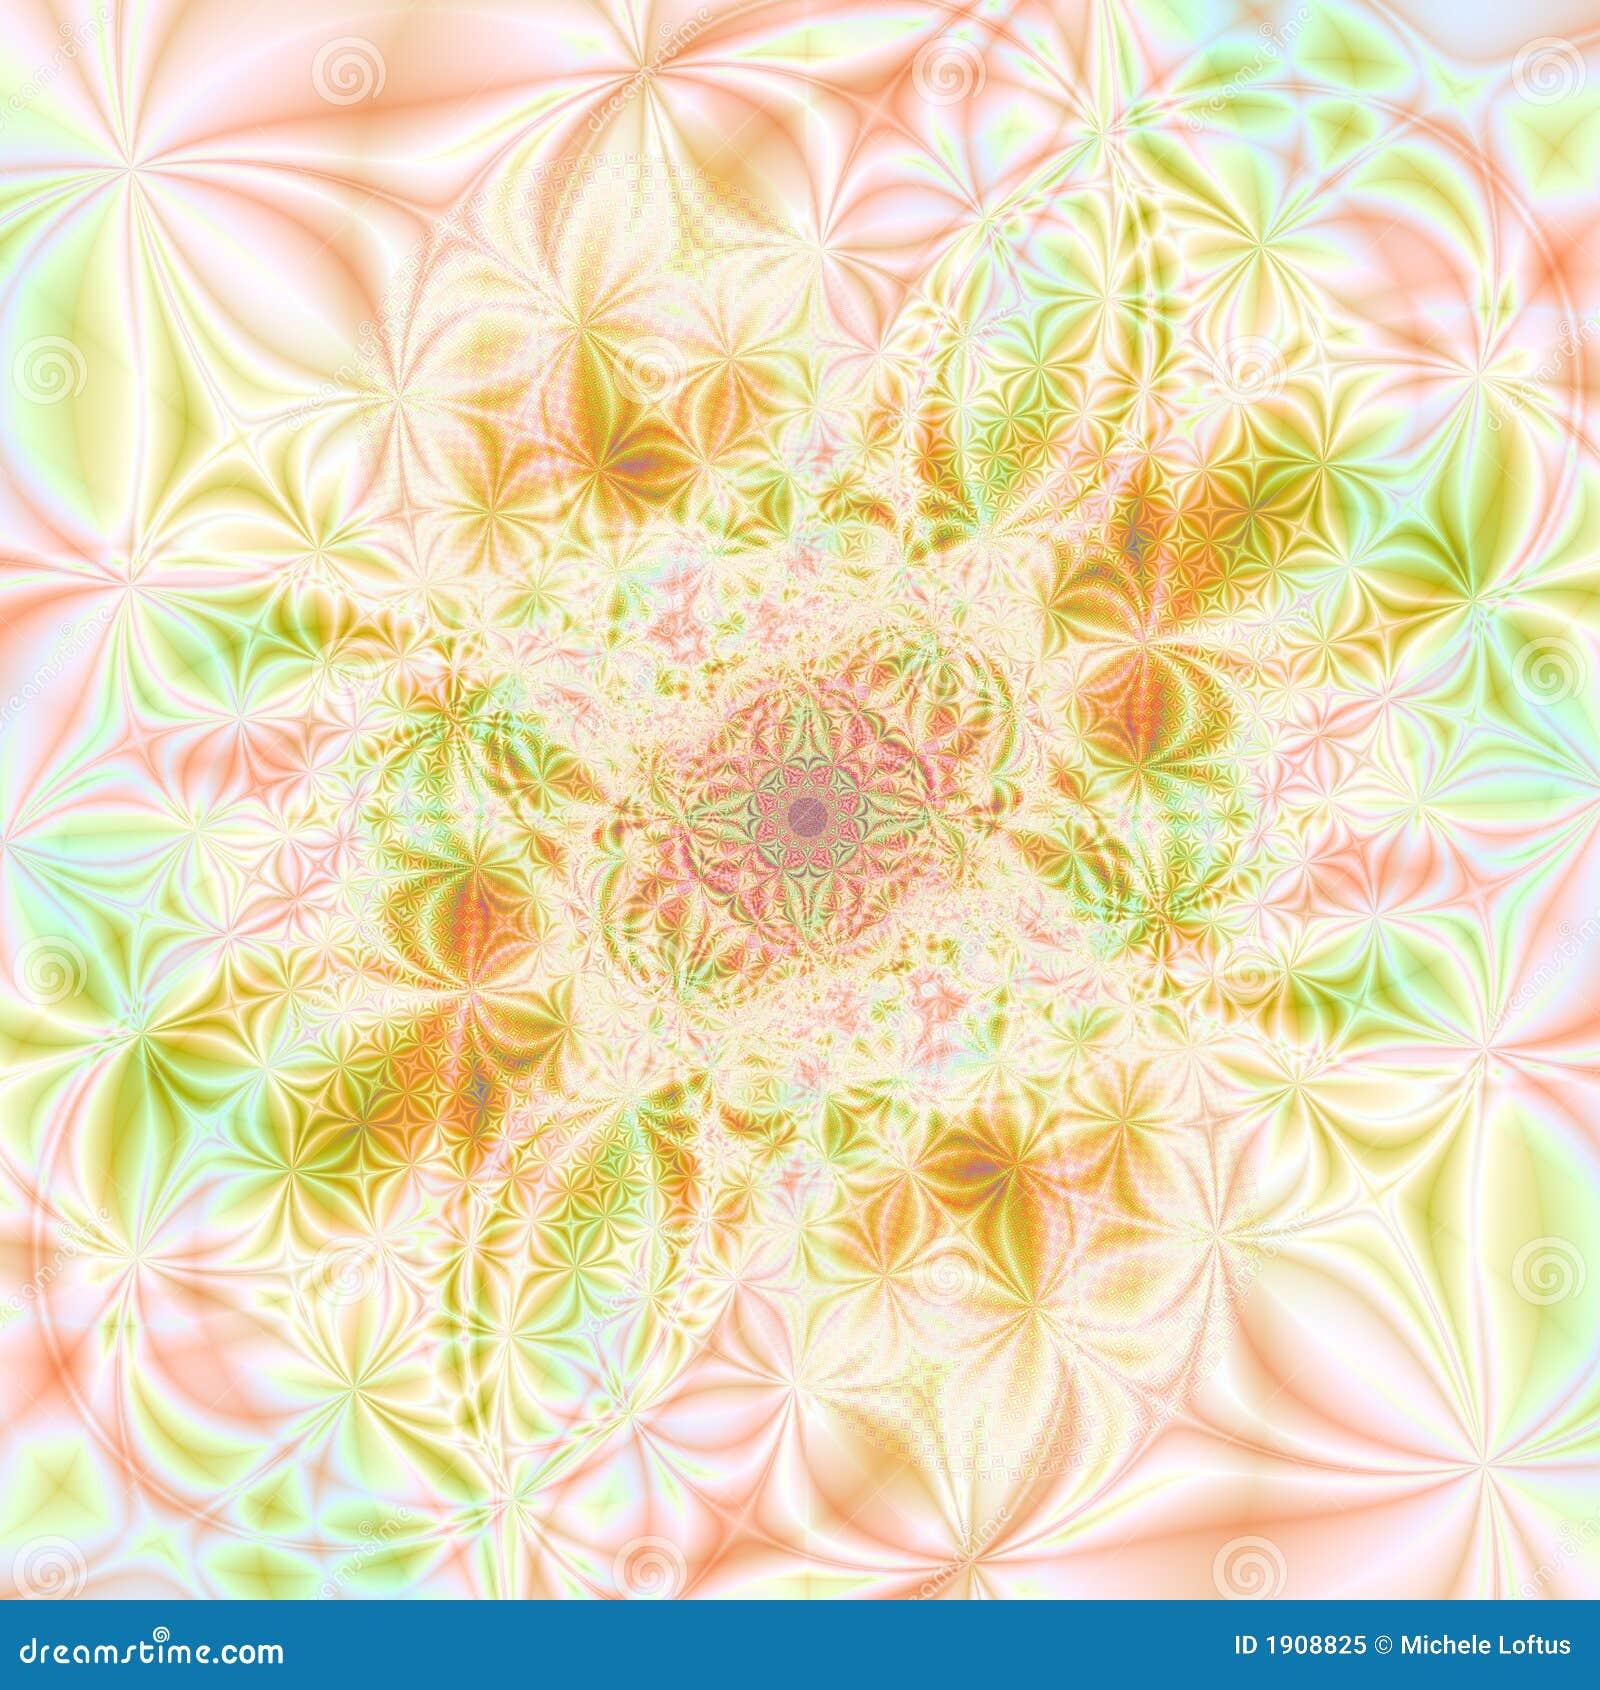 Sommerfarben abstrakte Hintergrund-Schablonen-Auslegung